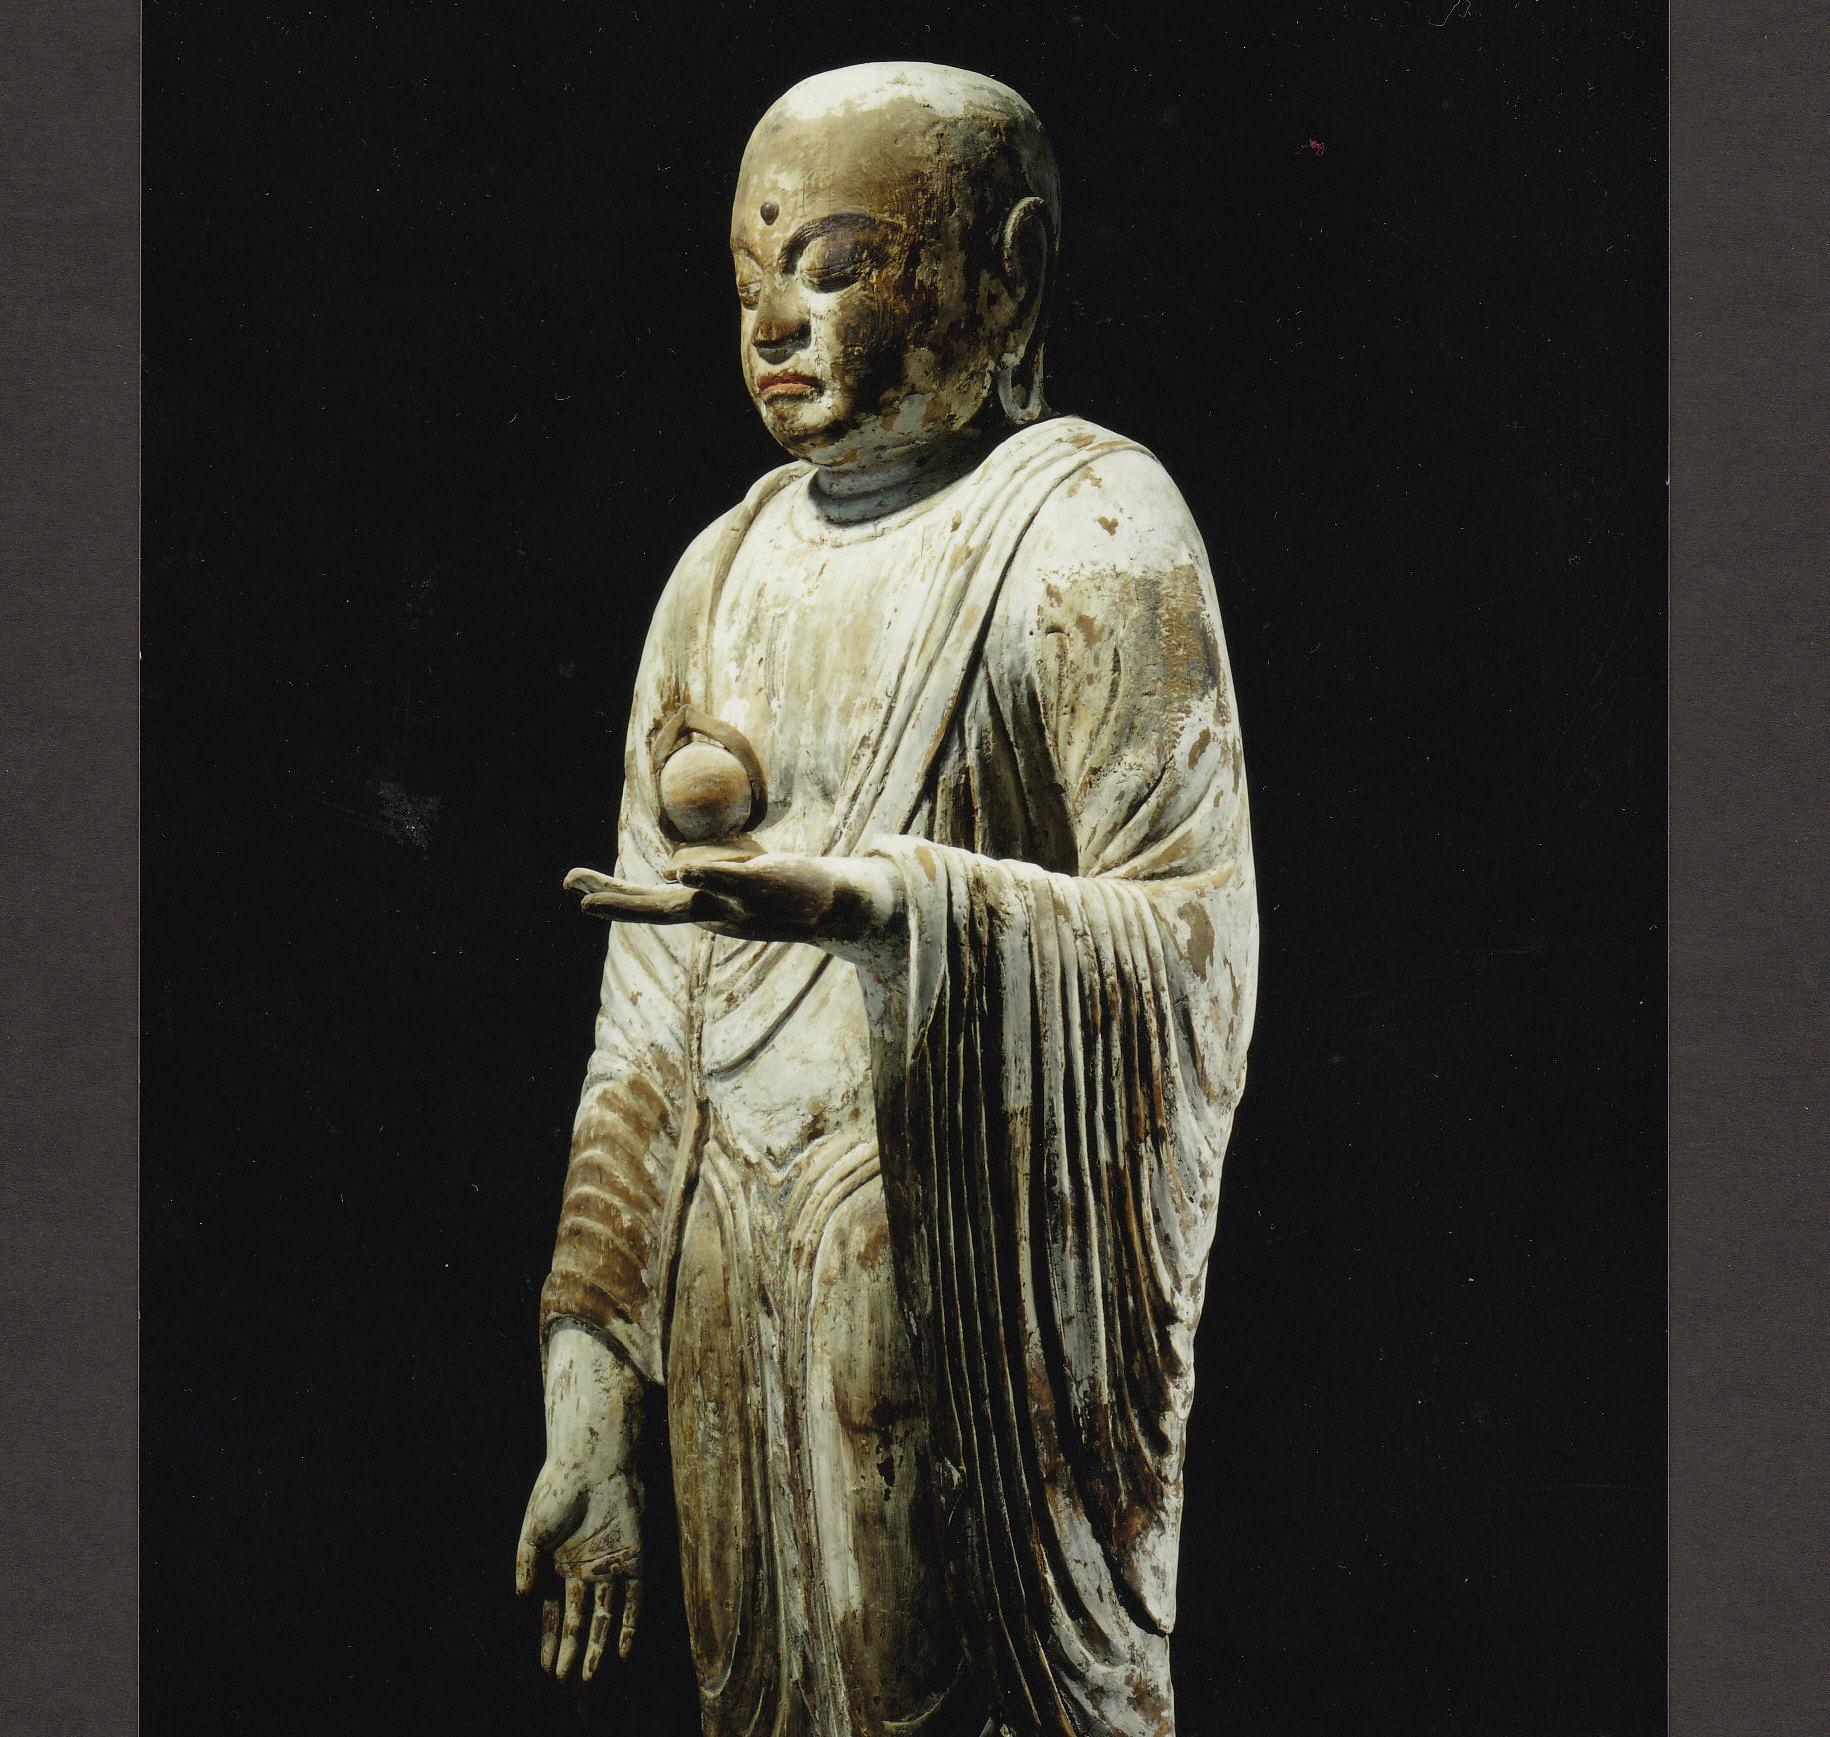 道明け供養と地蔵菩薩(重文)のイメージ